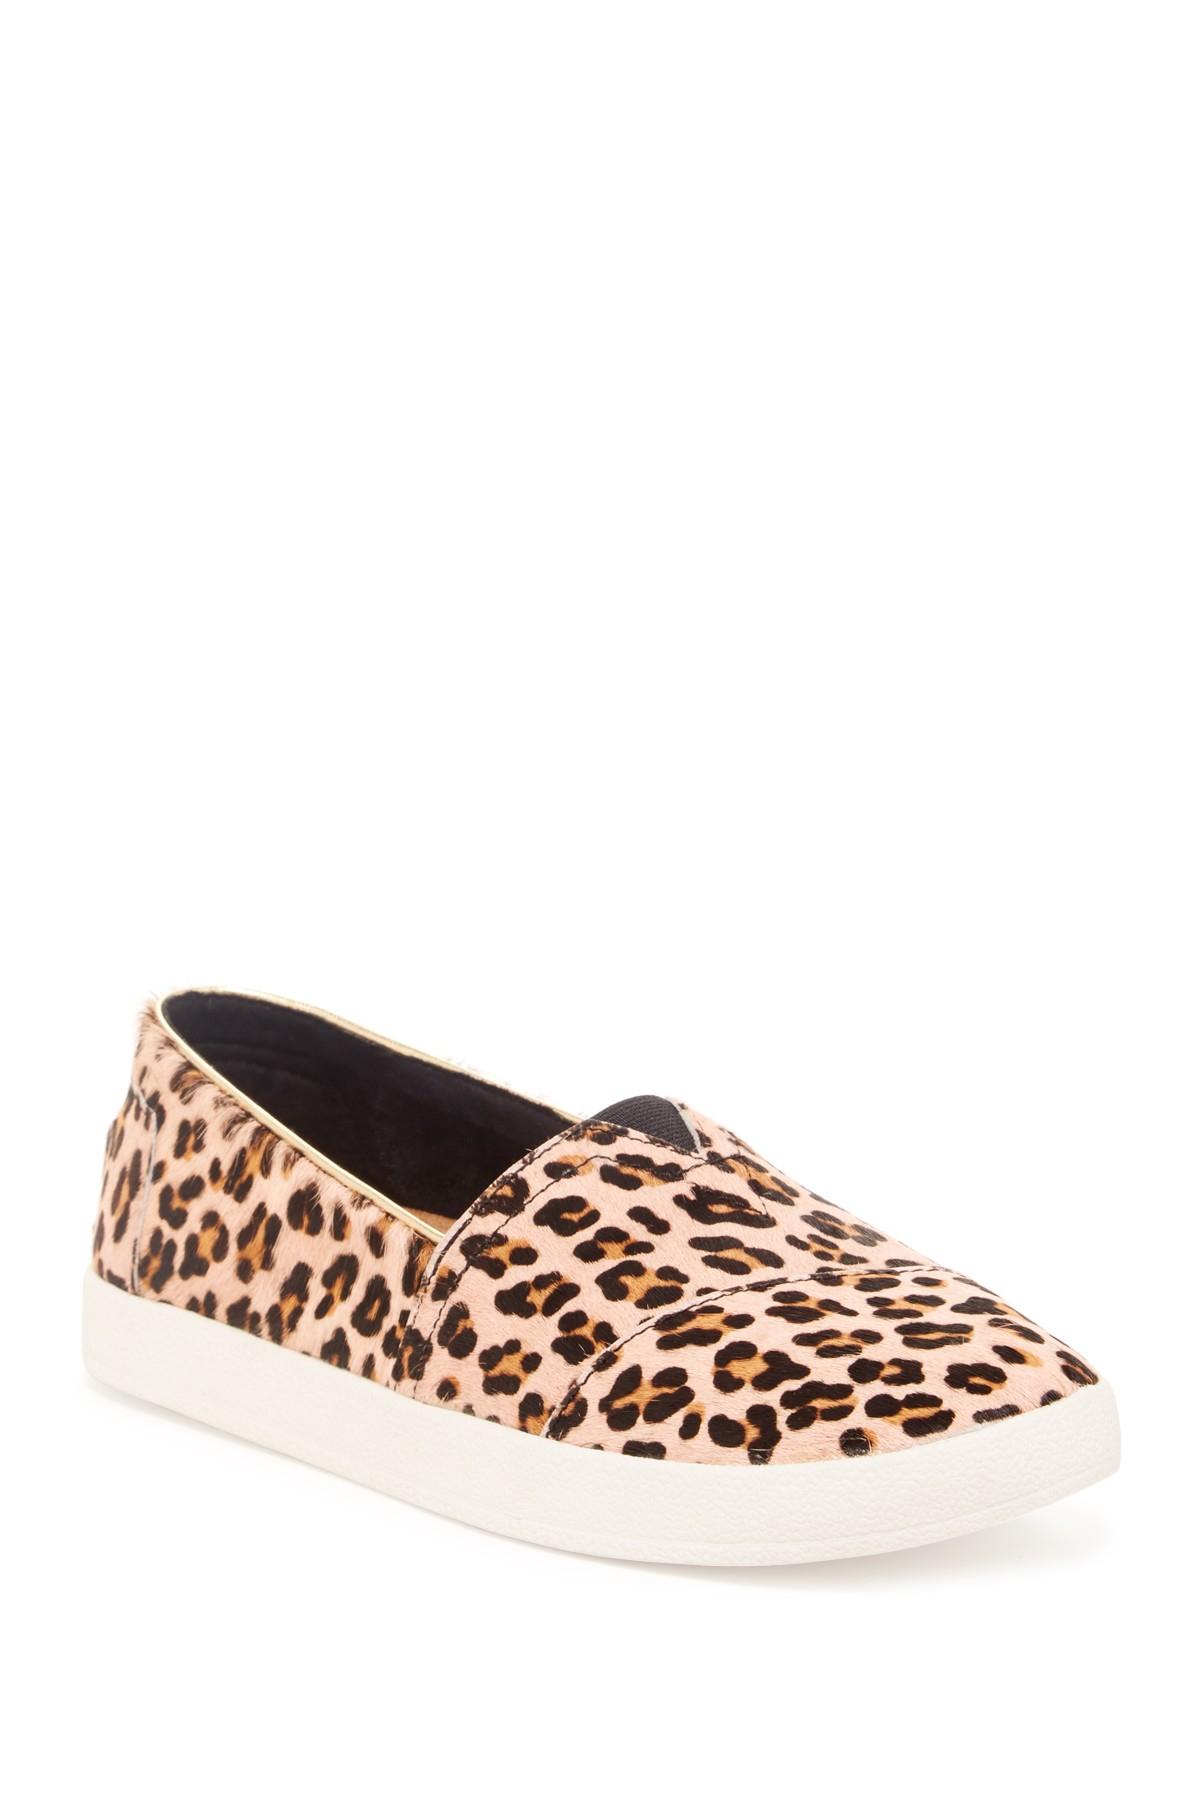 85ef03ceed85 Lyst - TOMS Leopard Printed Genuine Calf Hair Slip-on Sneaker